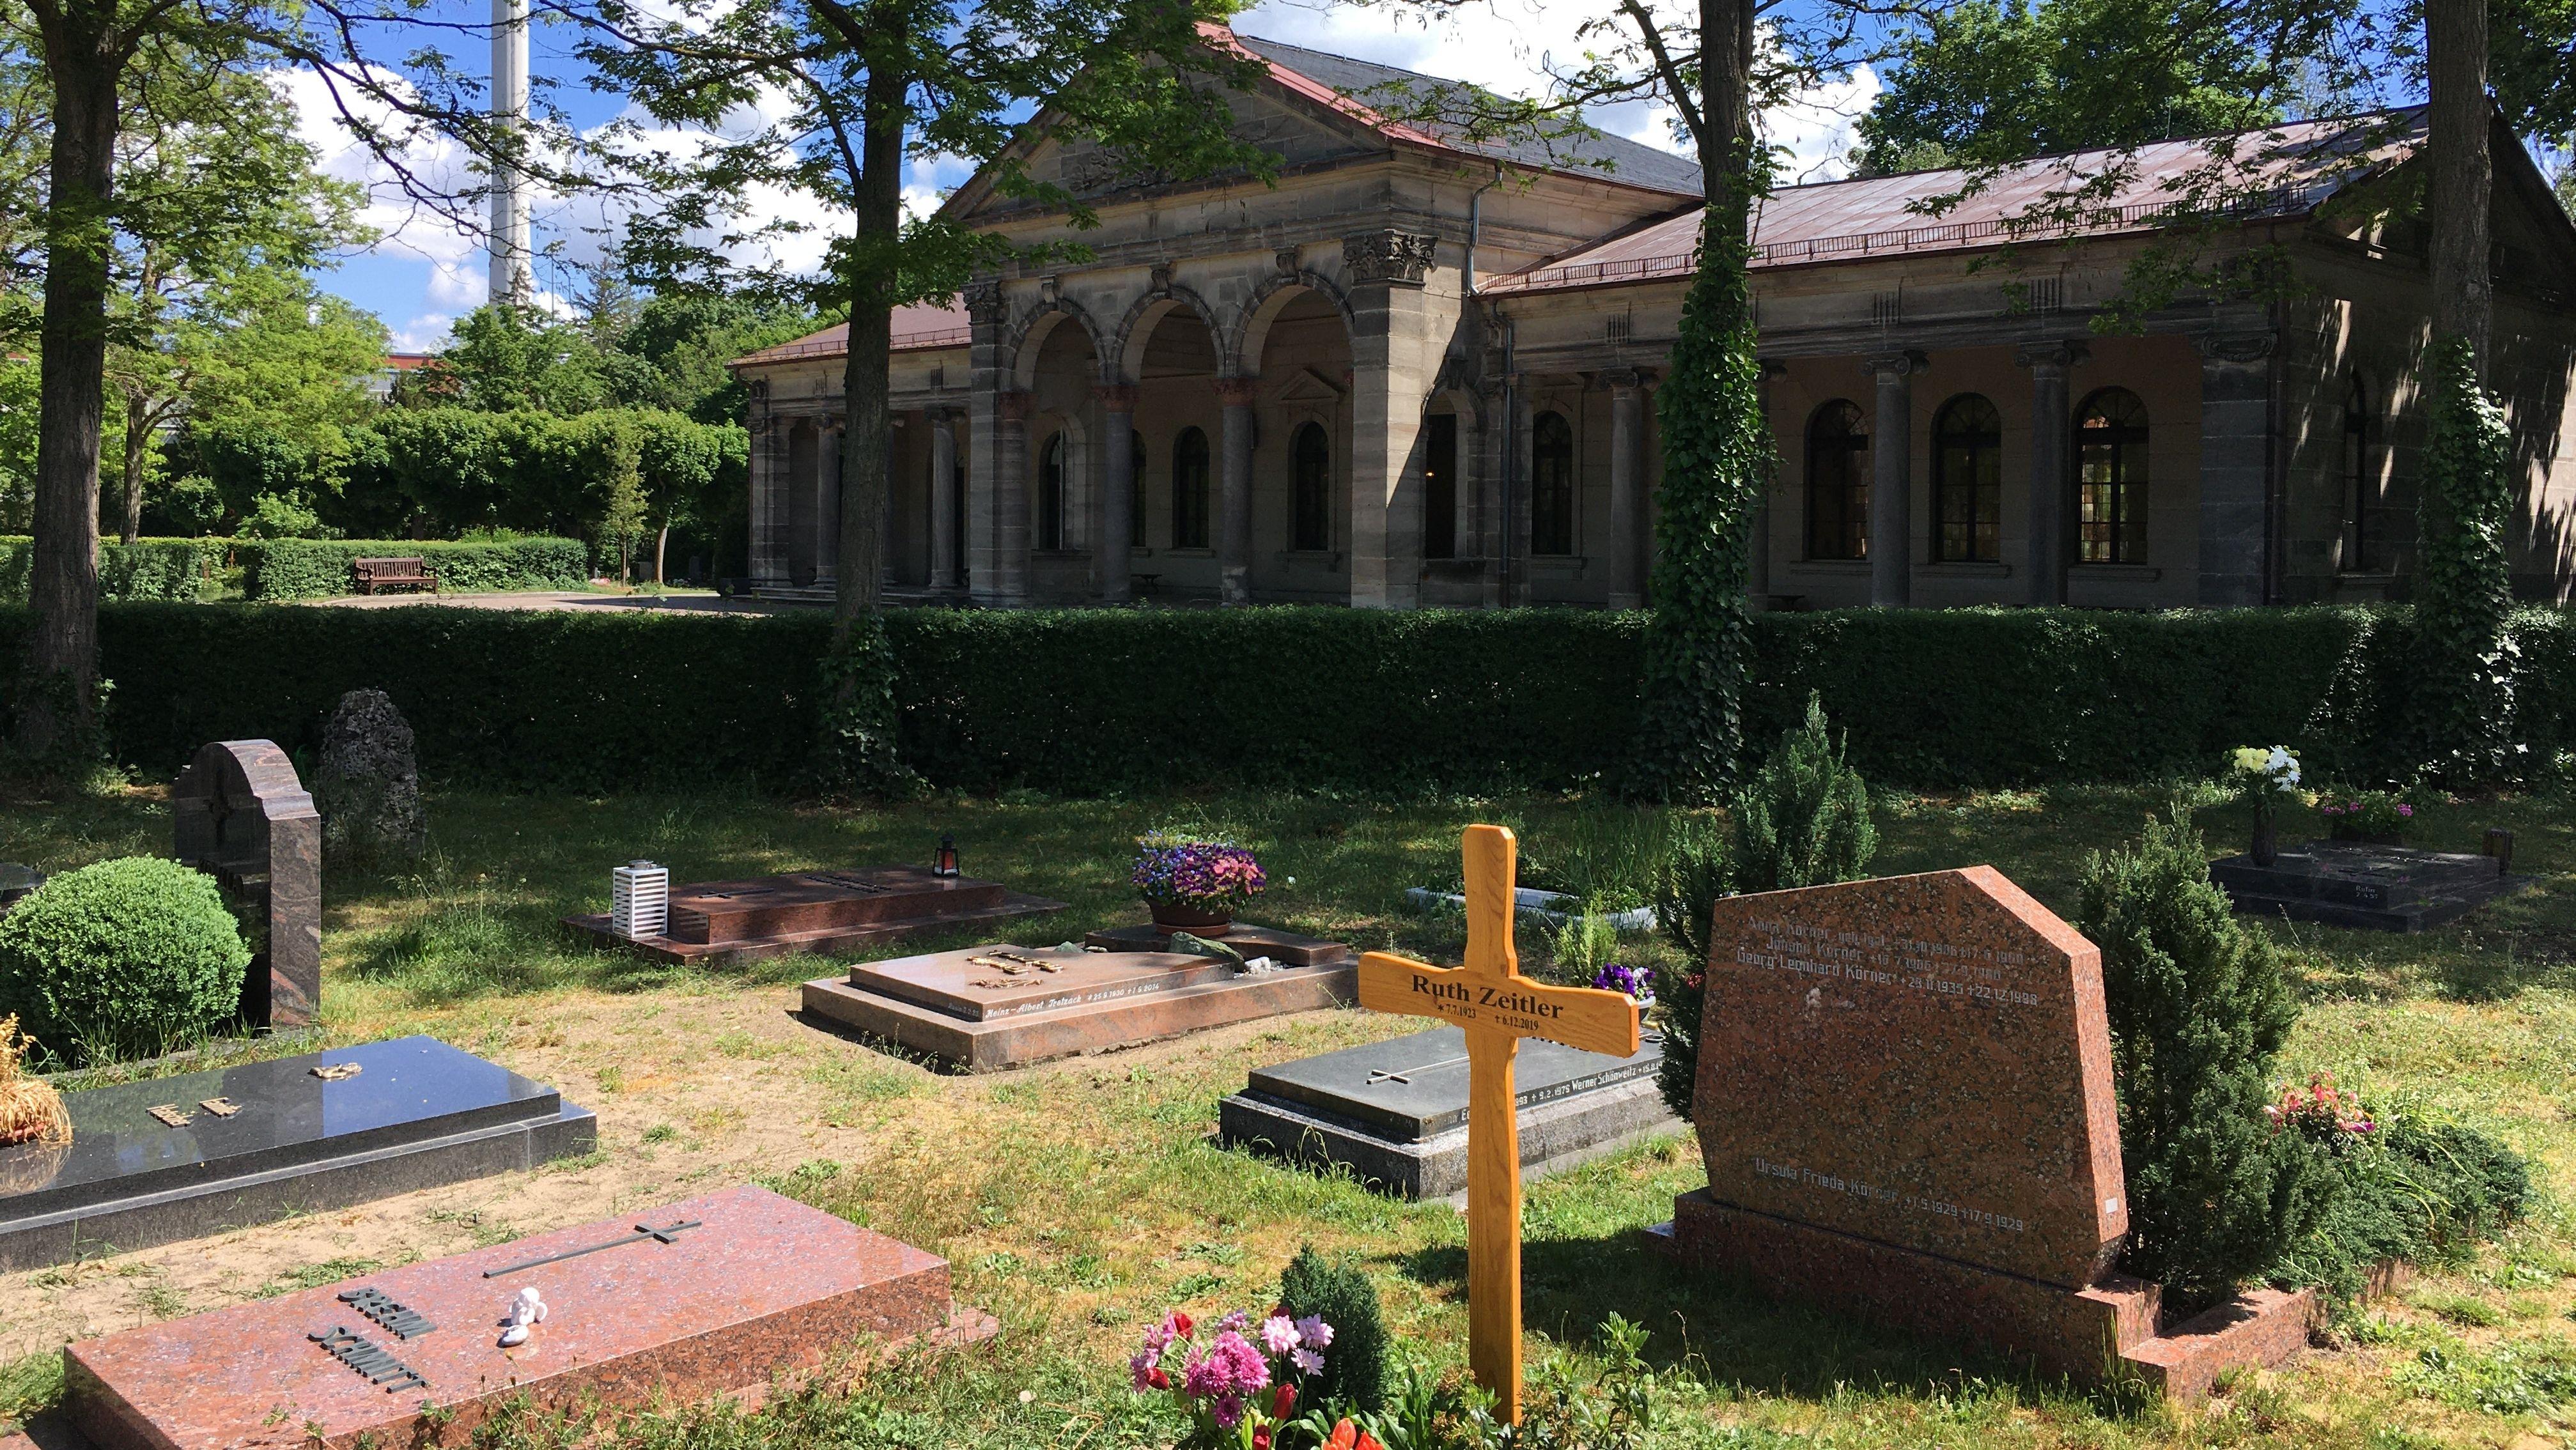 Friedhof in Franken